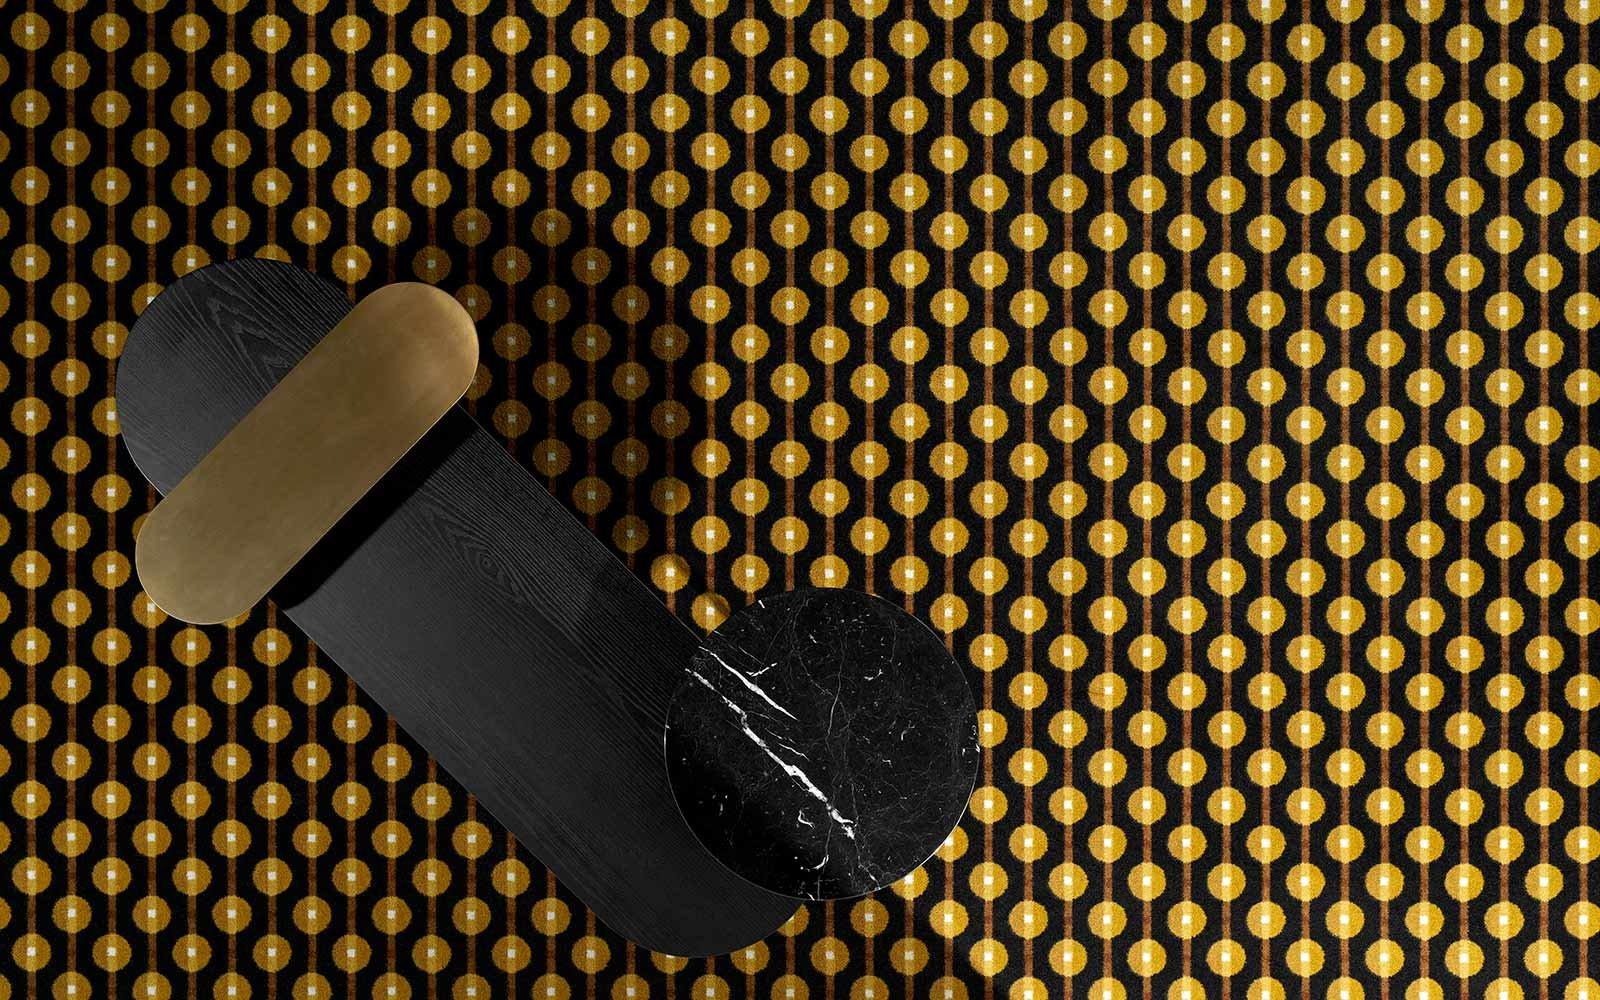 Teppich mit beigem und goldenem Muster